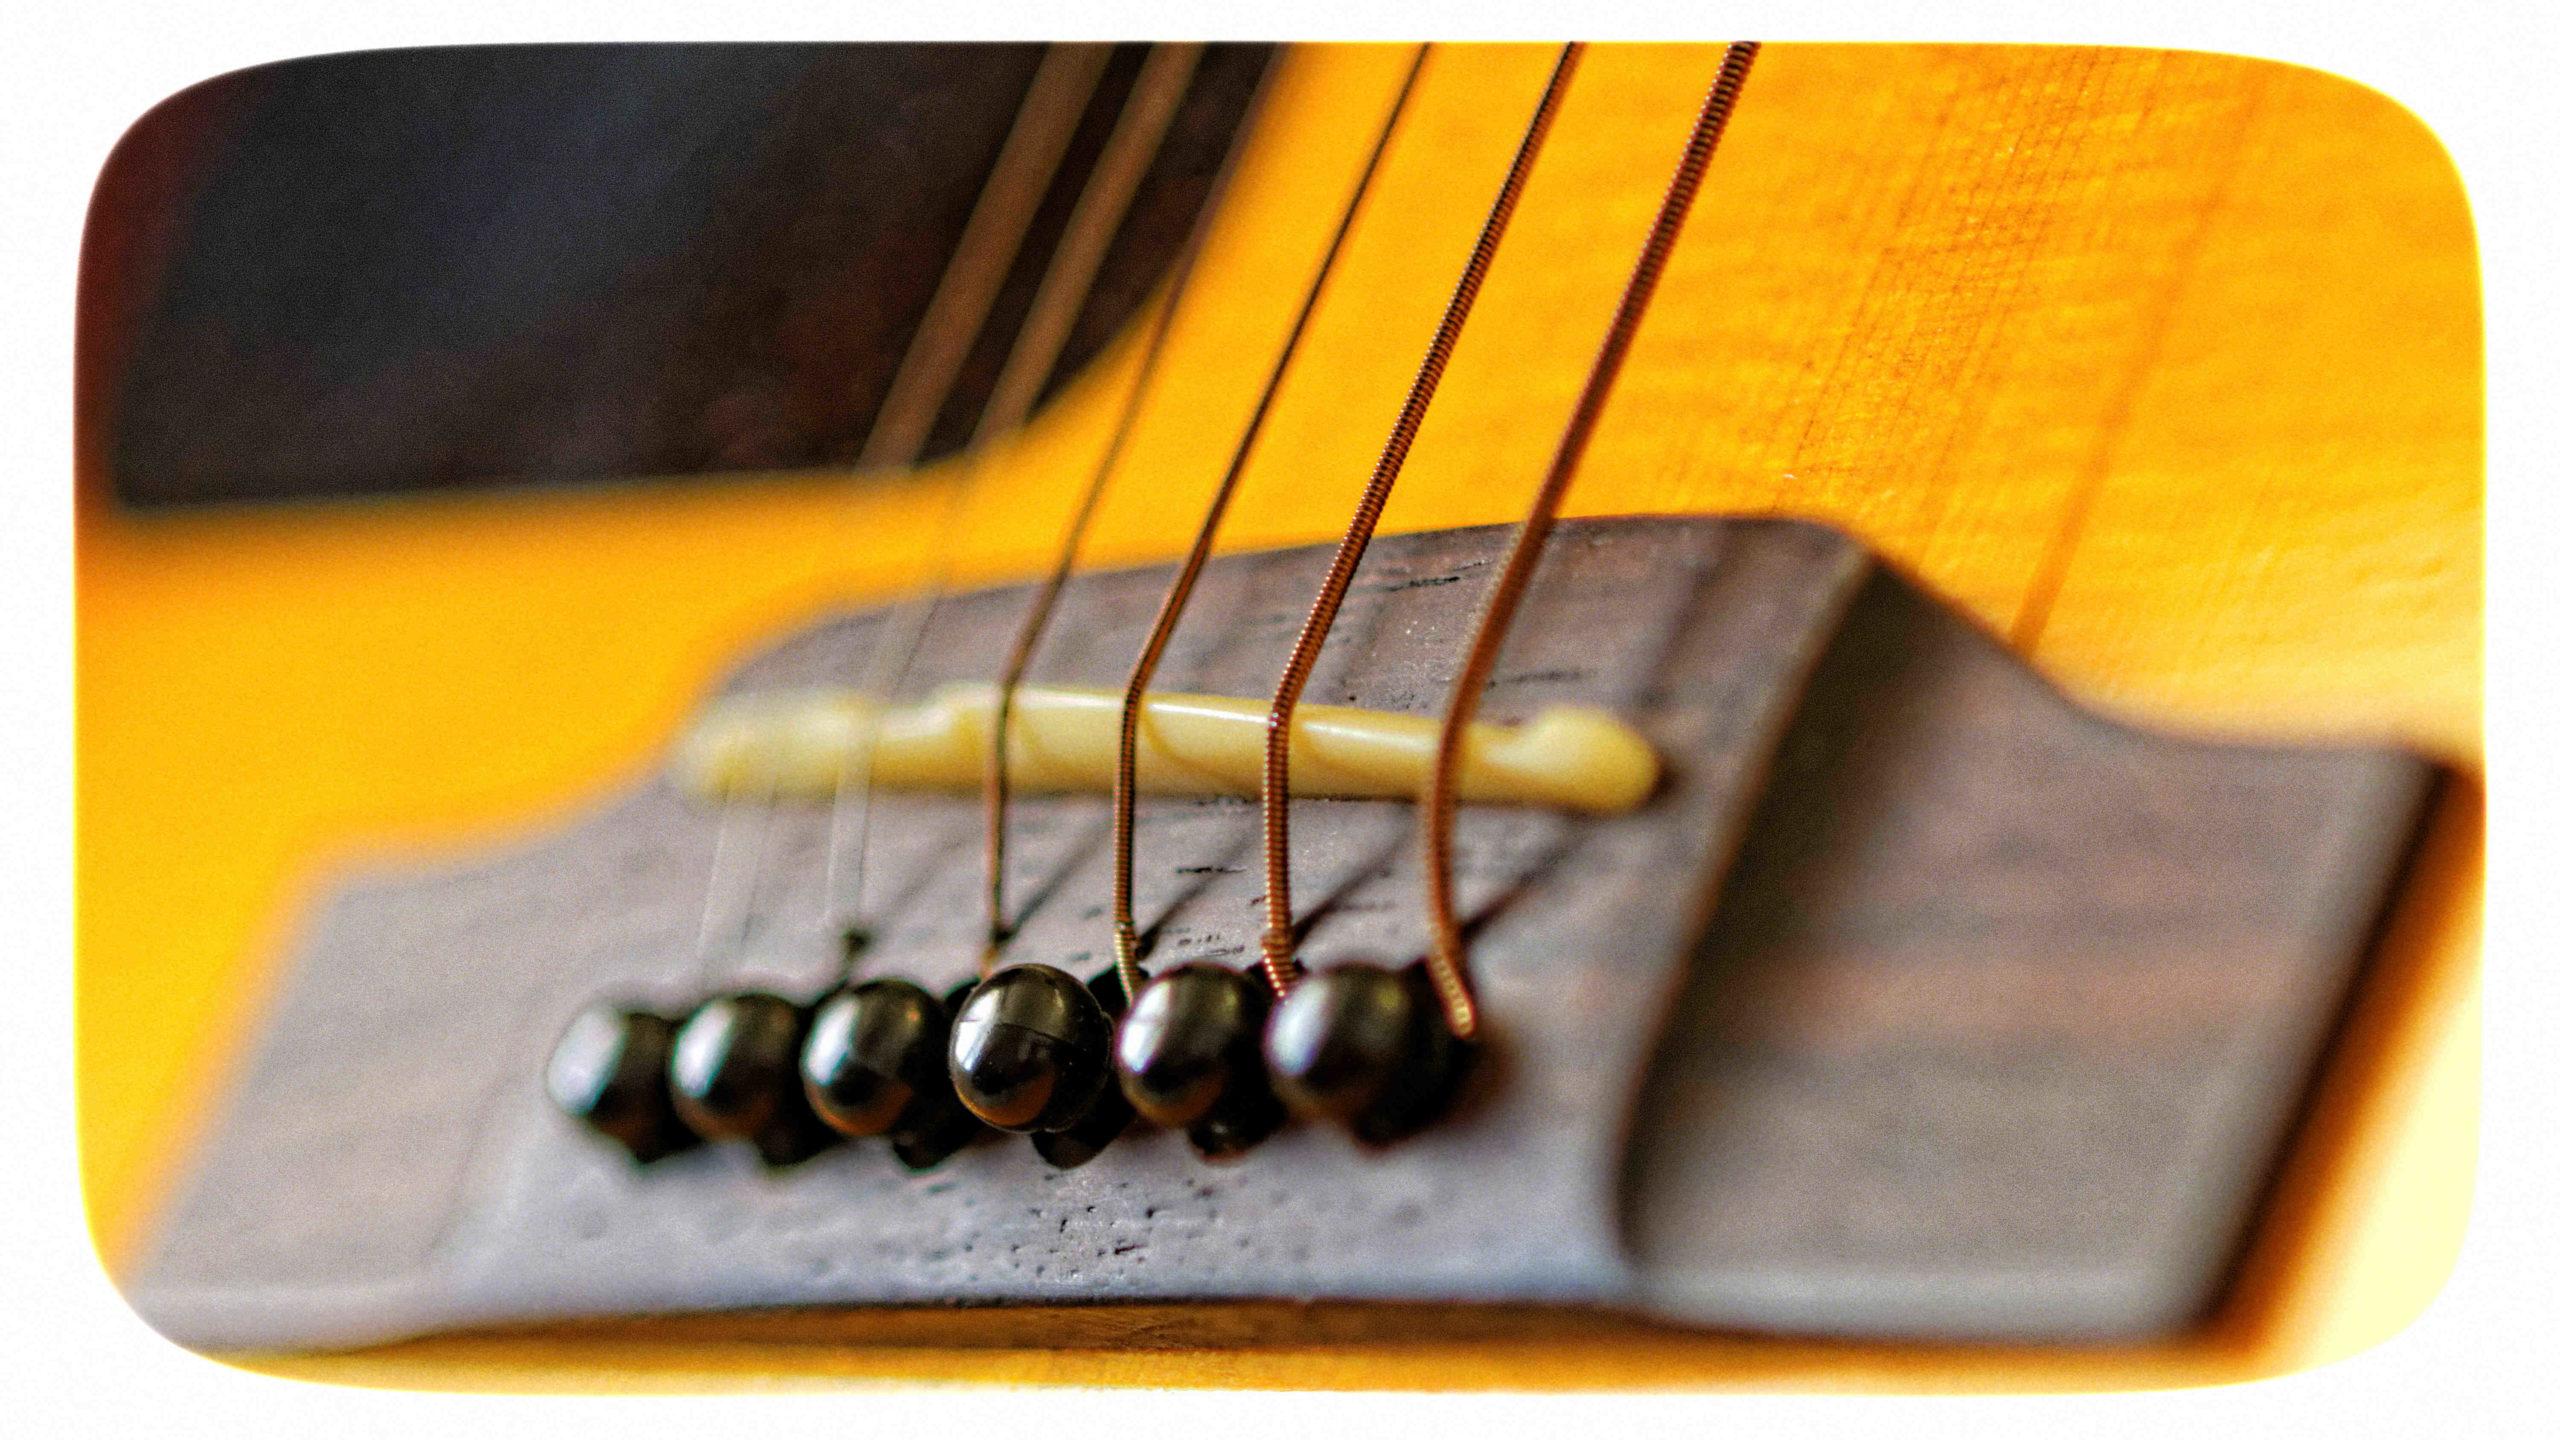 Quelle guitare acoustique pour les débutants?